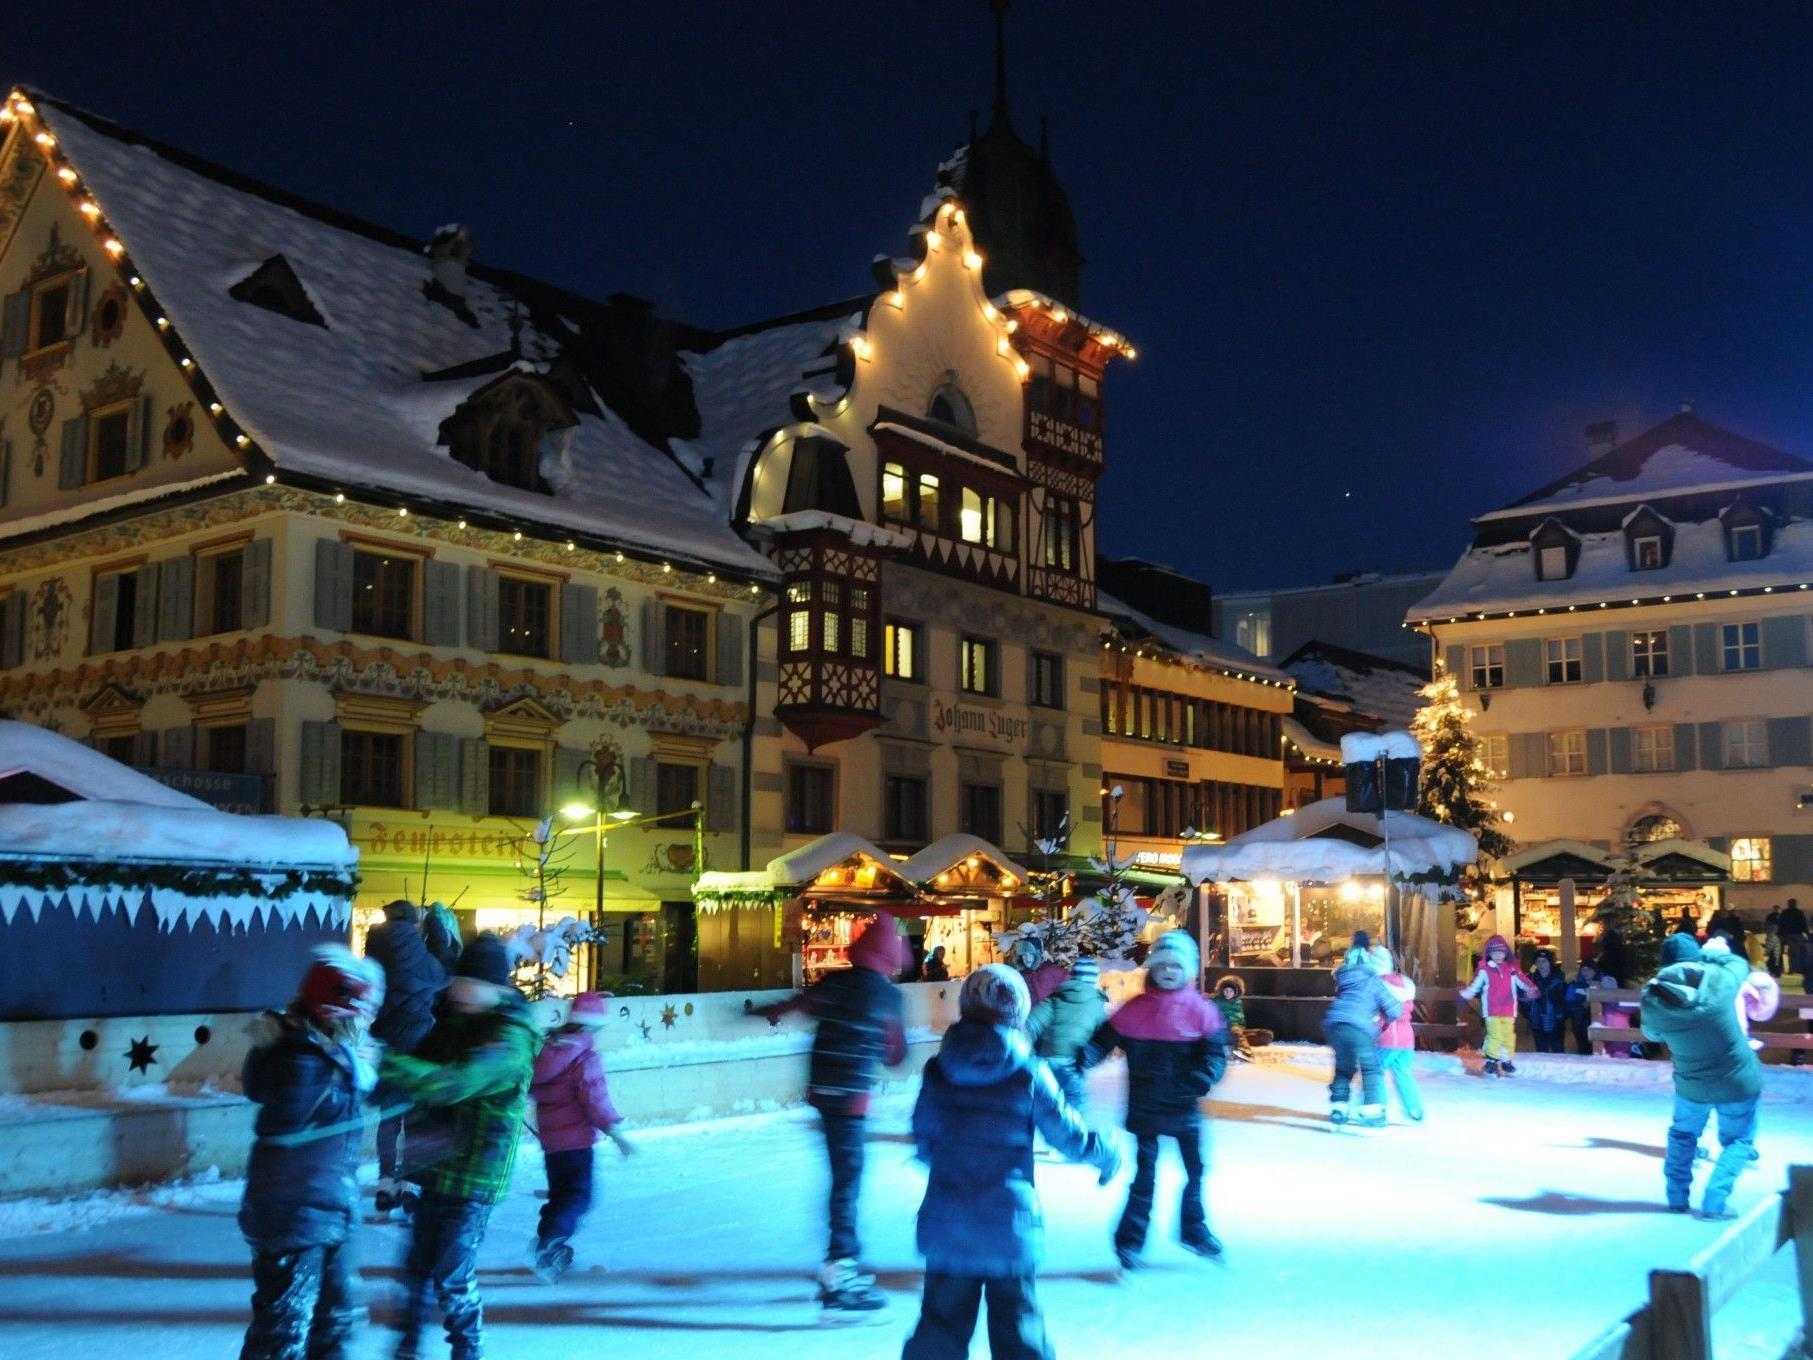 Der Eislaufplatz ist noch bis zum 31. Dezember geöffnet